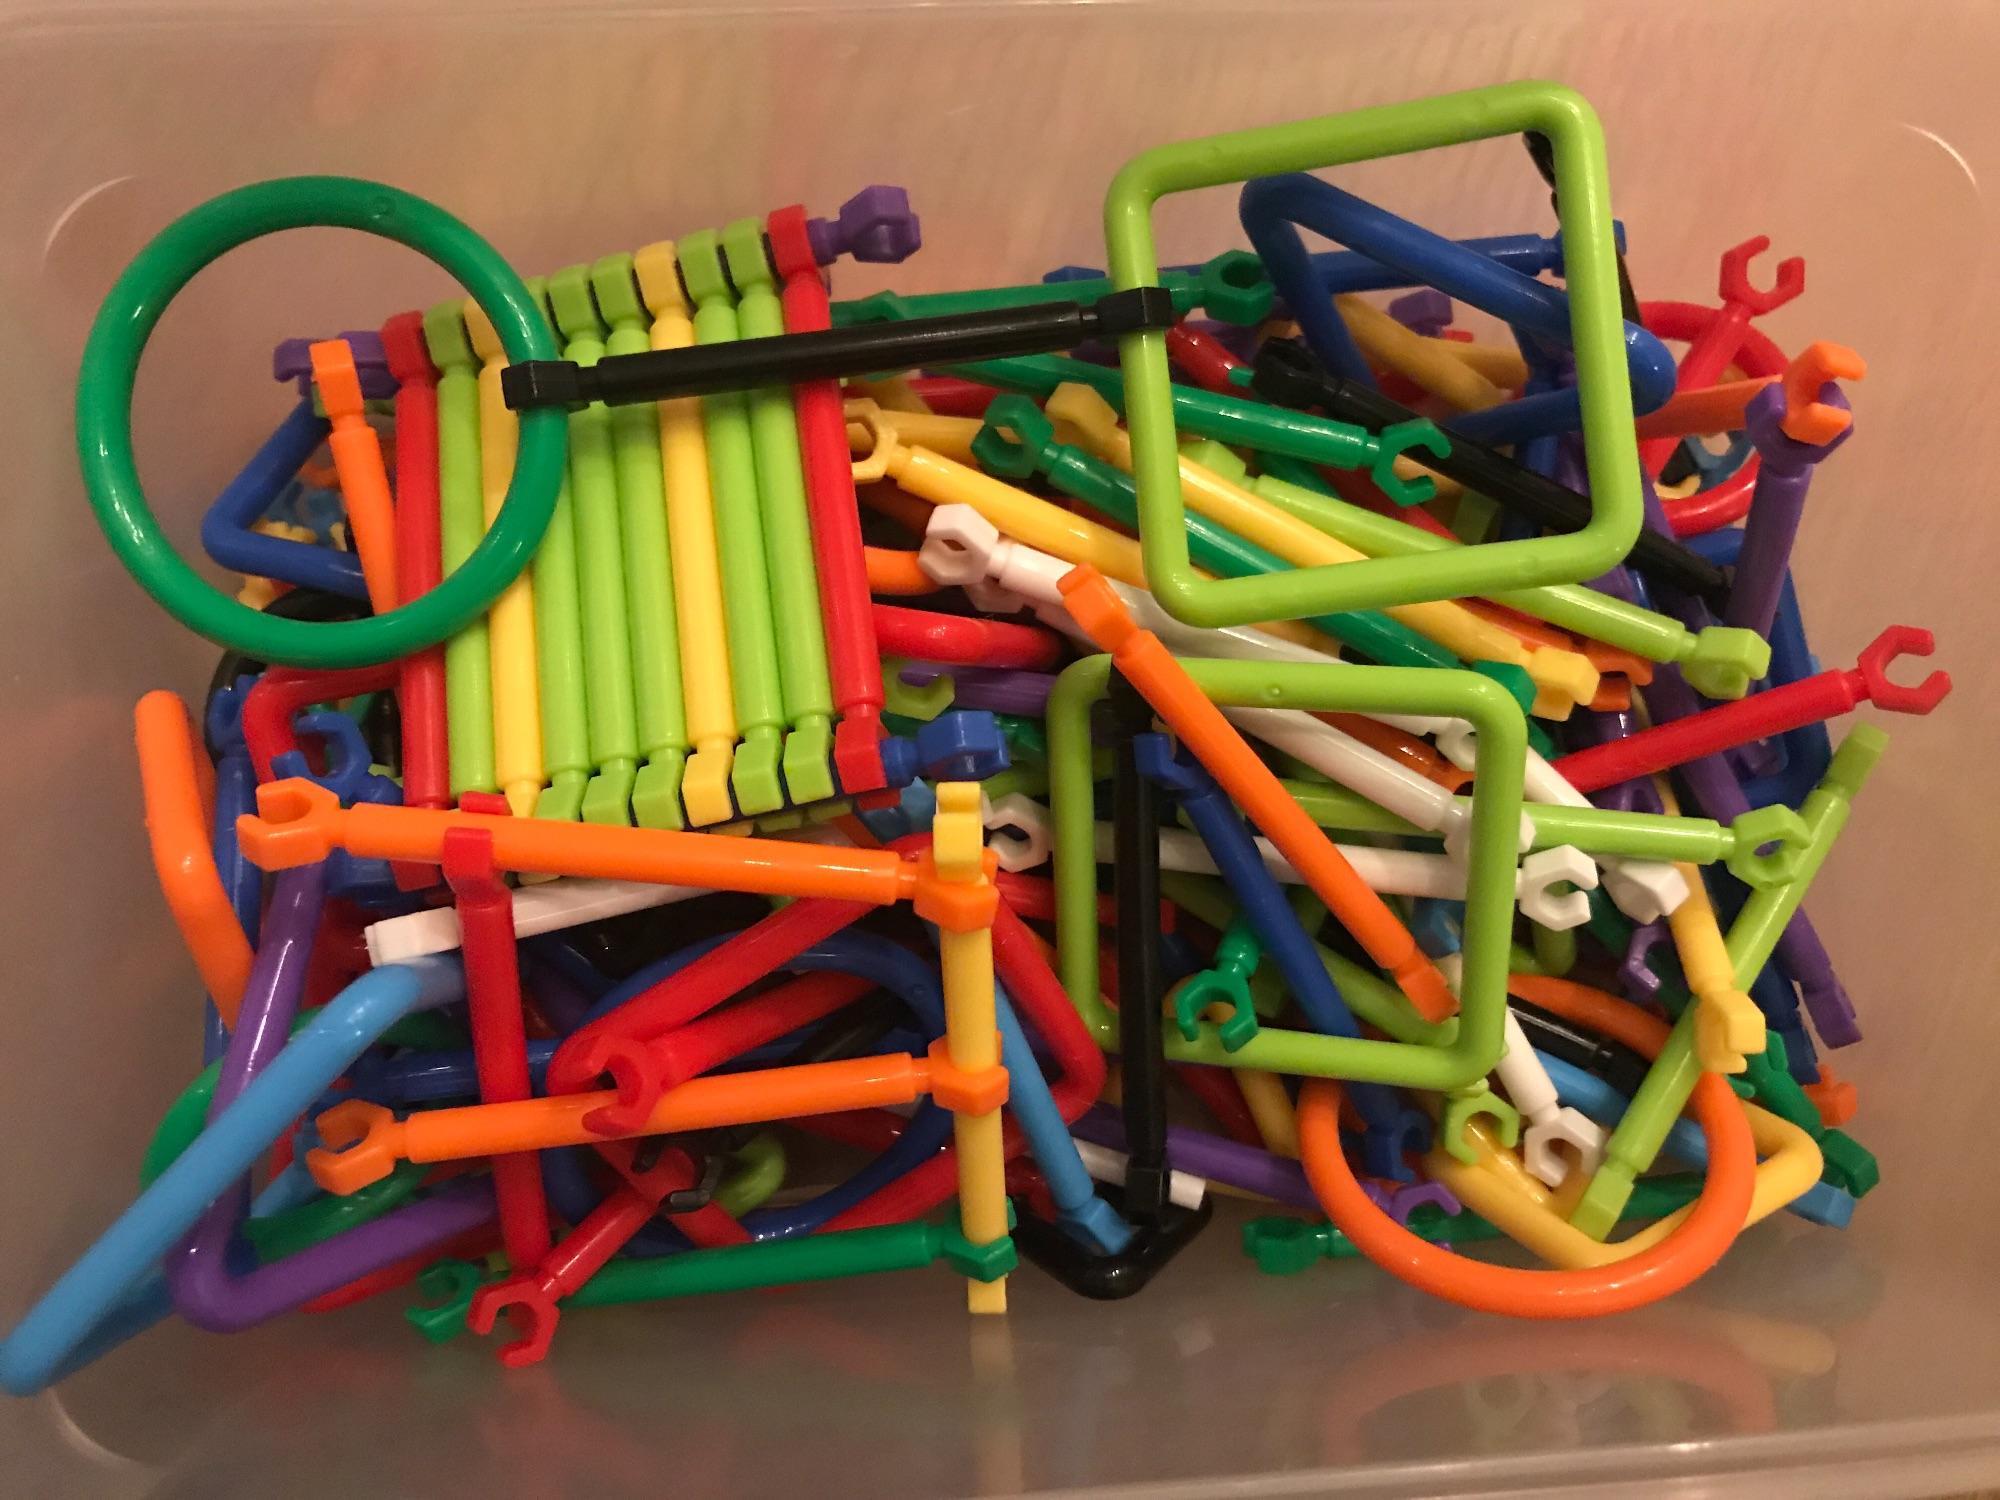 Smart stick bouwset